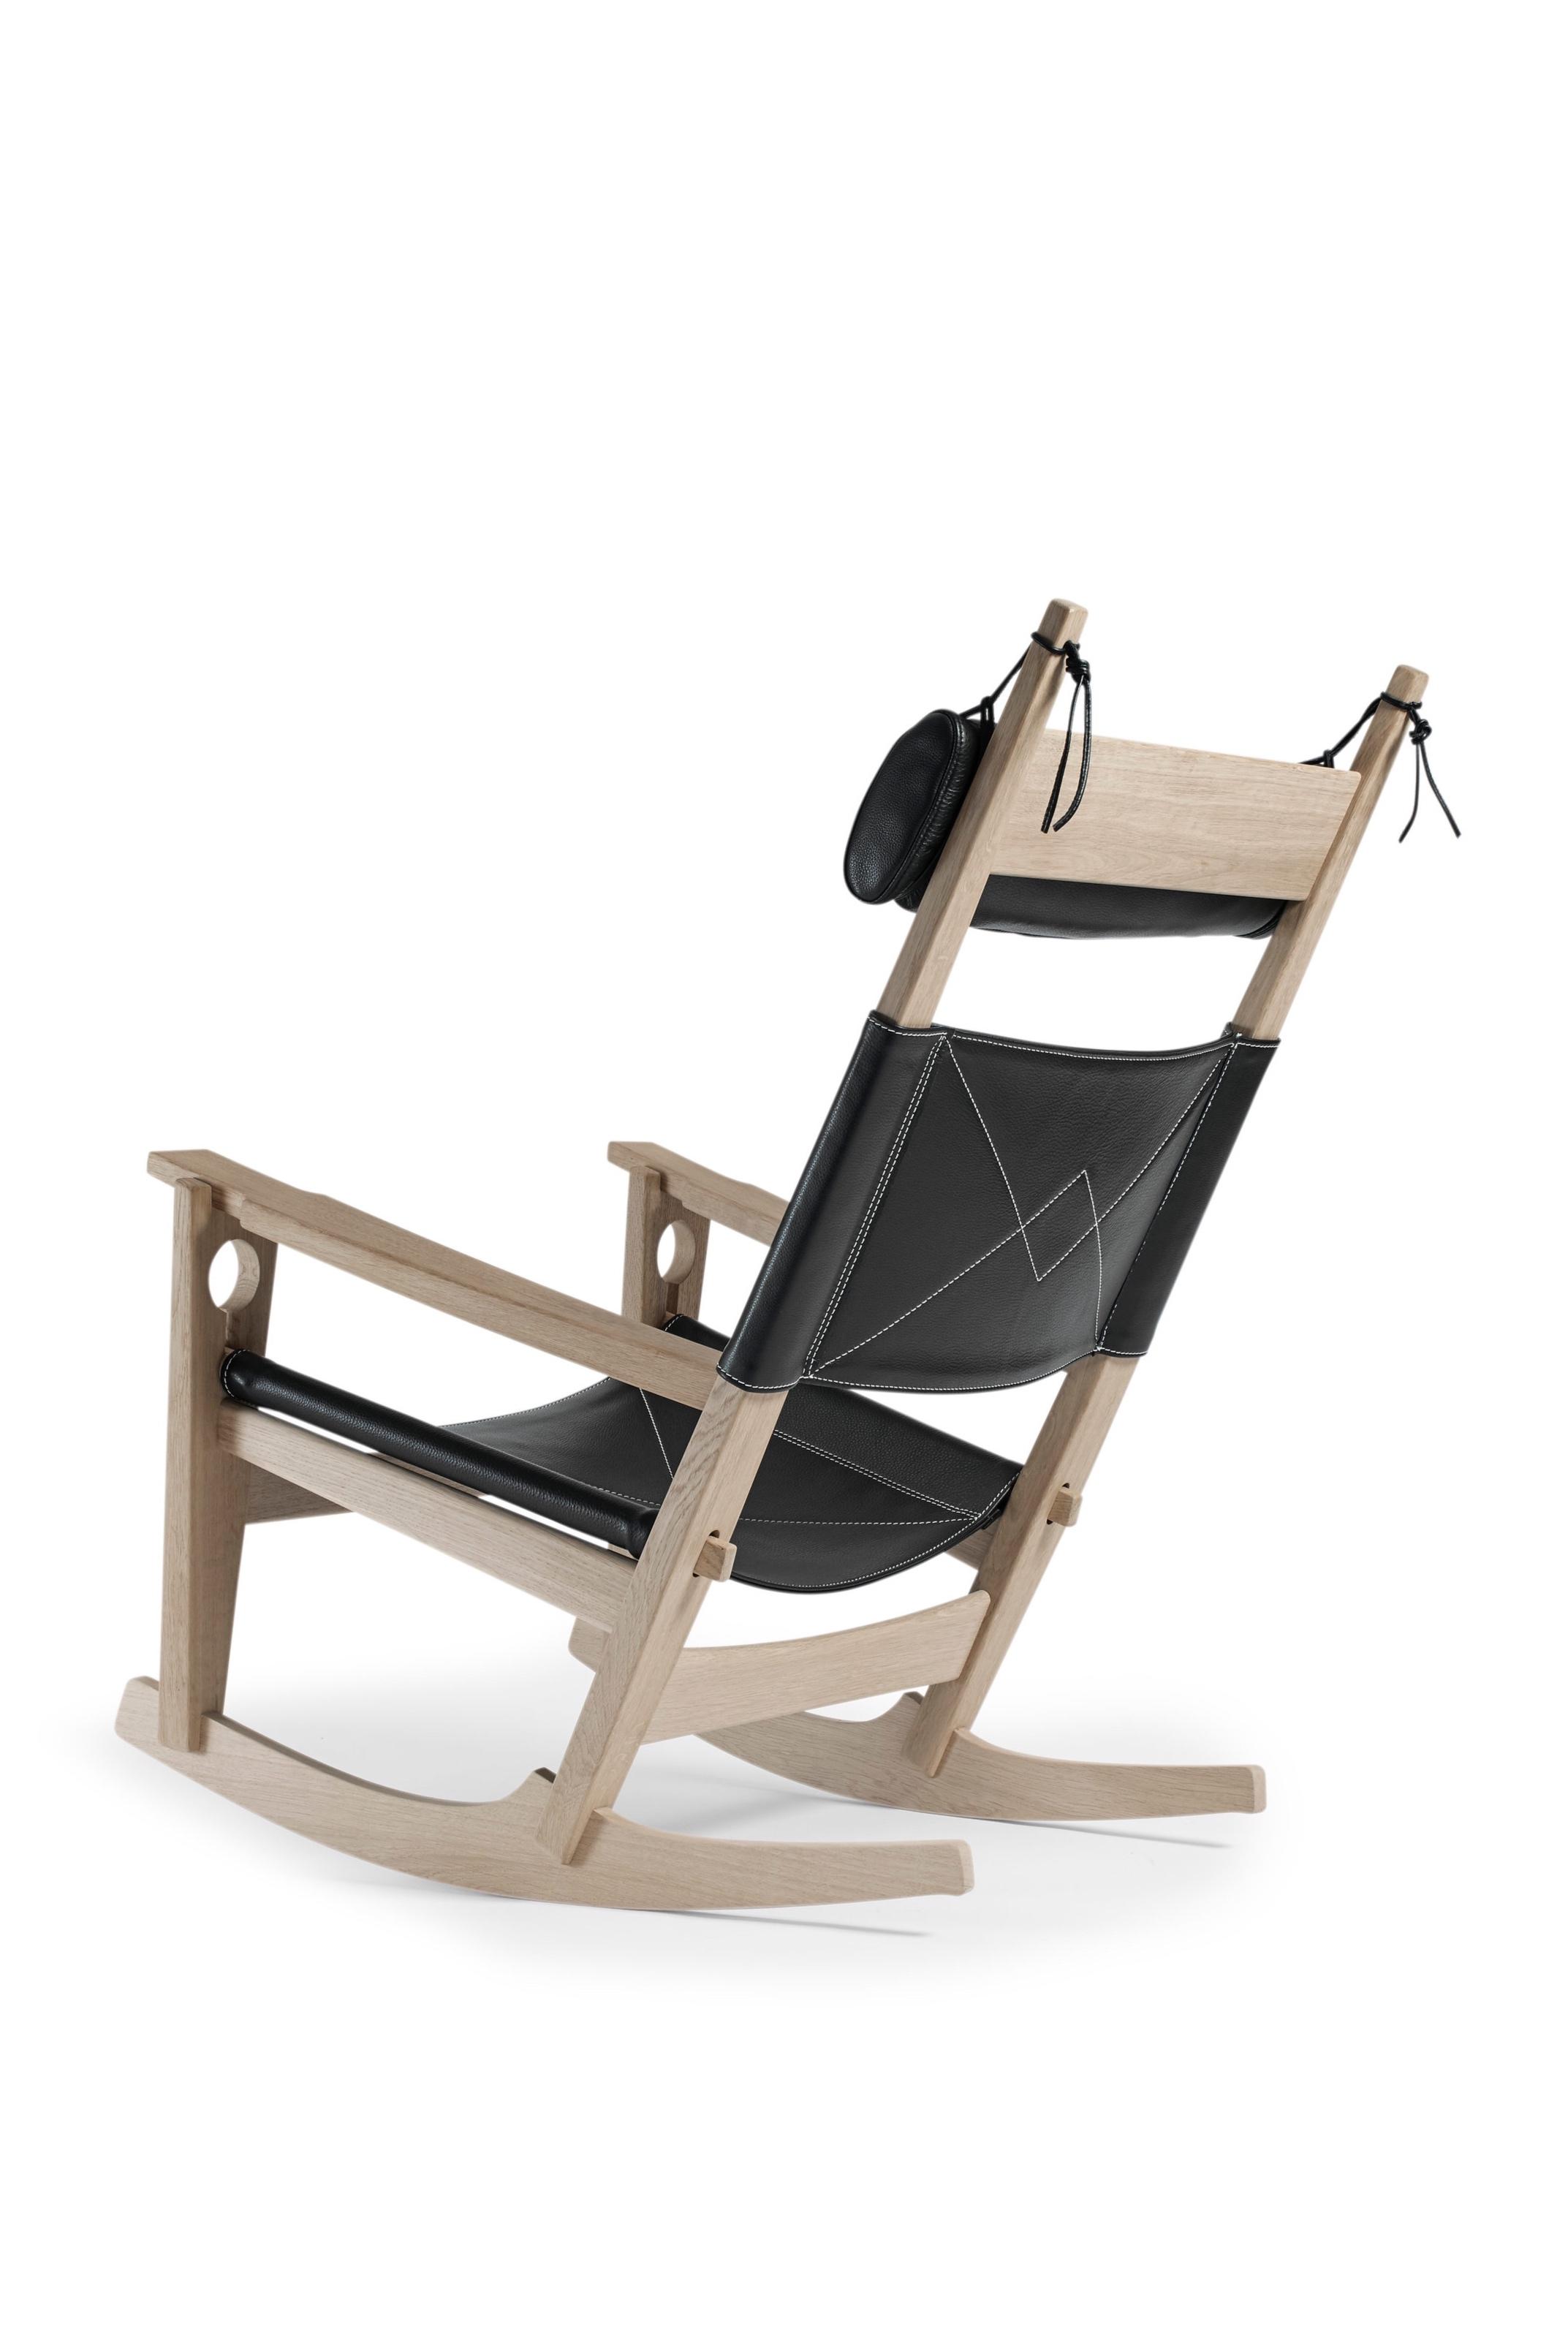 GE_673_GE673_Rocking_Chair_Hans_Wegner_Getama_Gestalt_NewYork_3.jpg